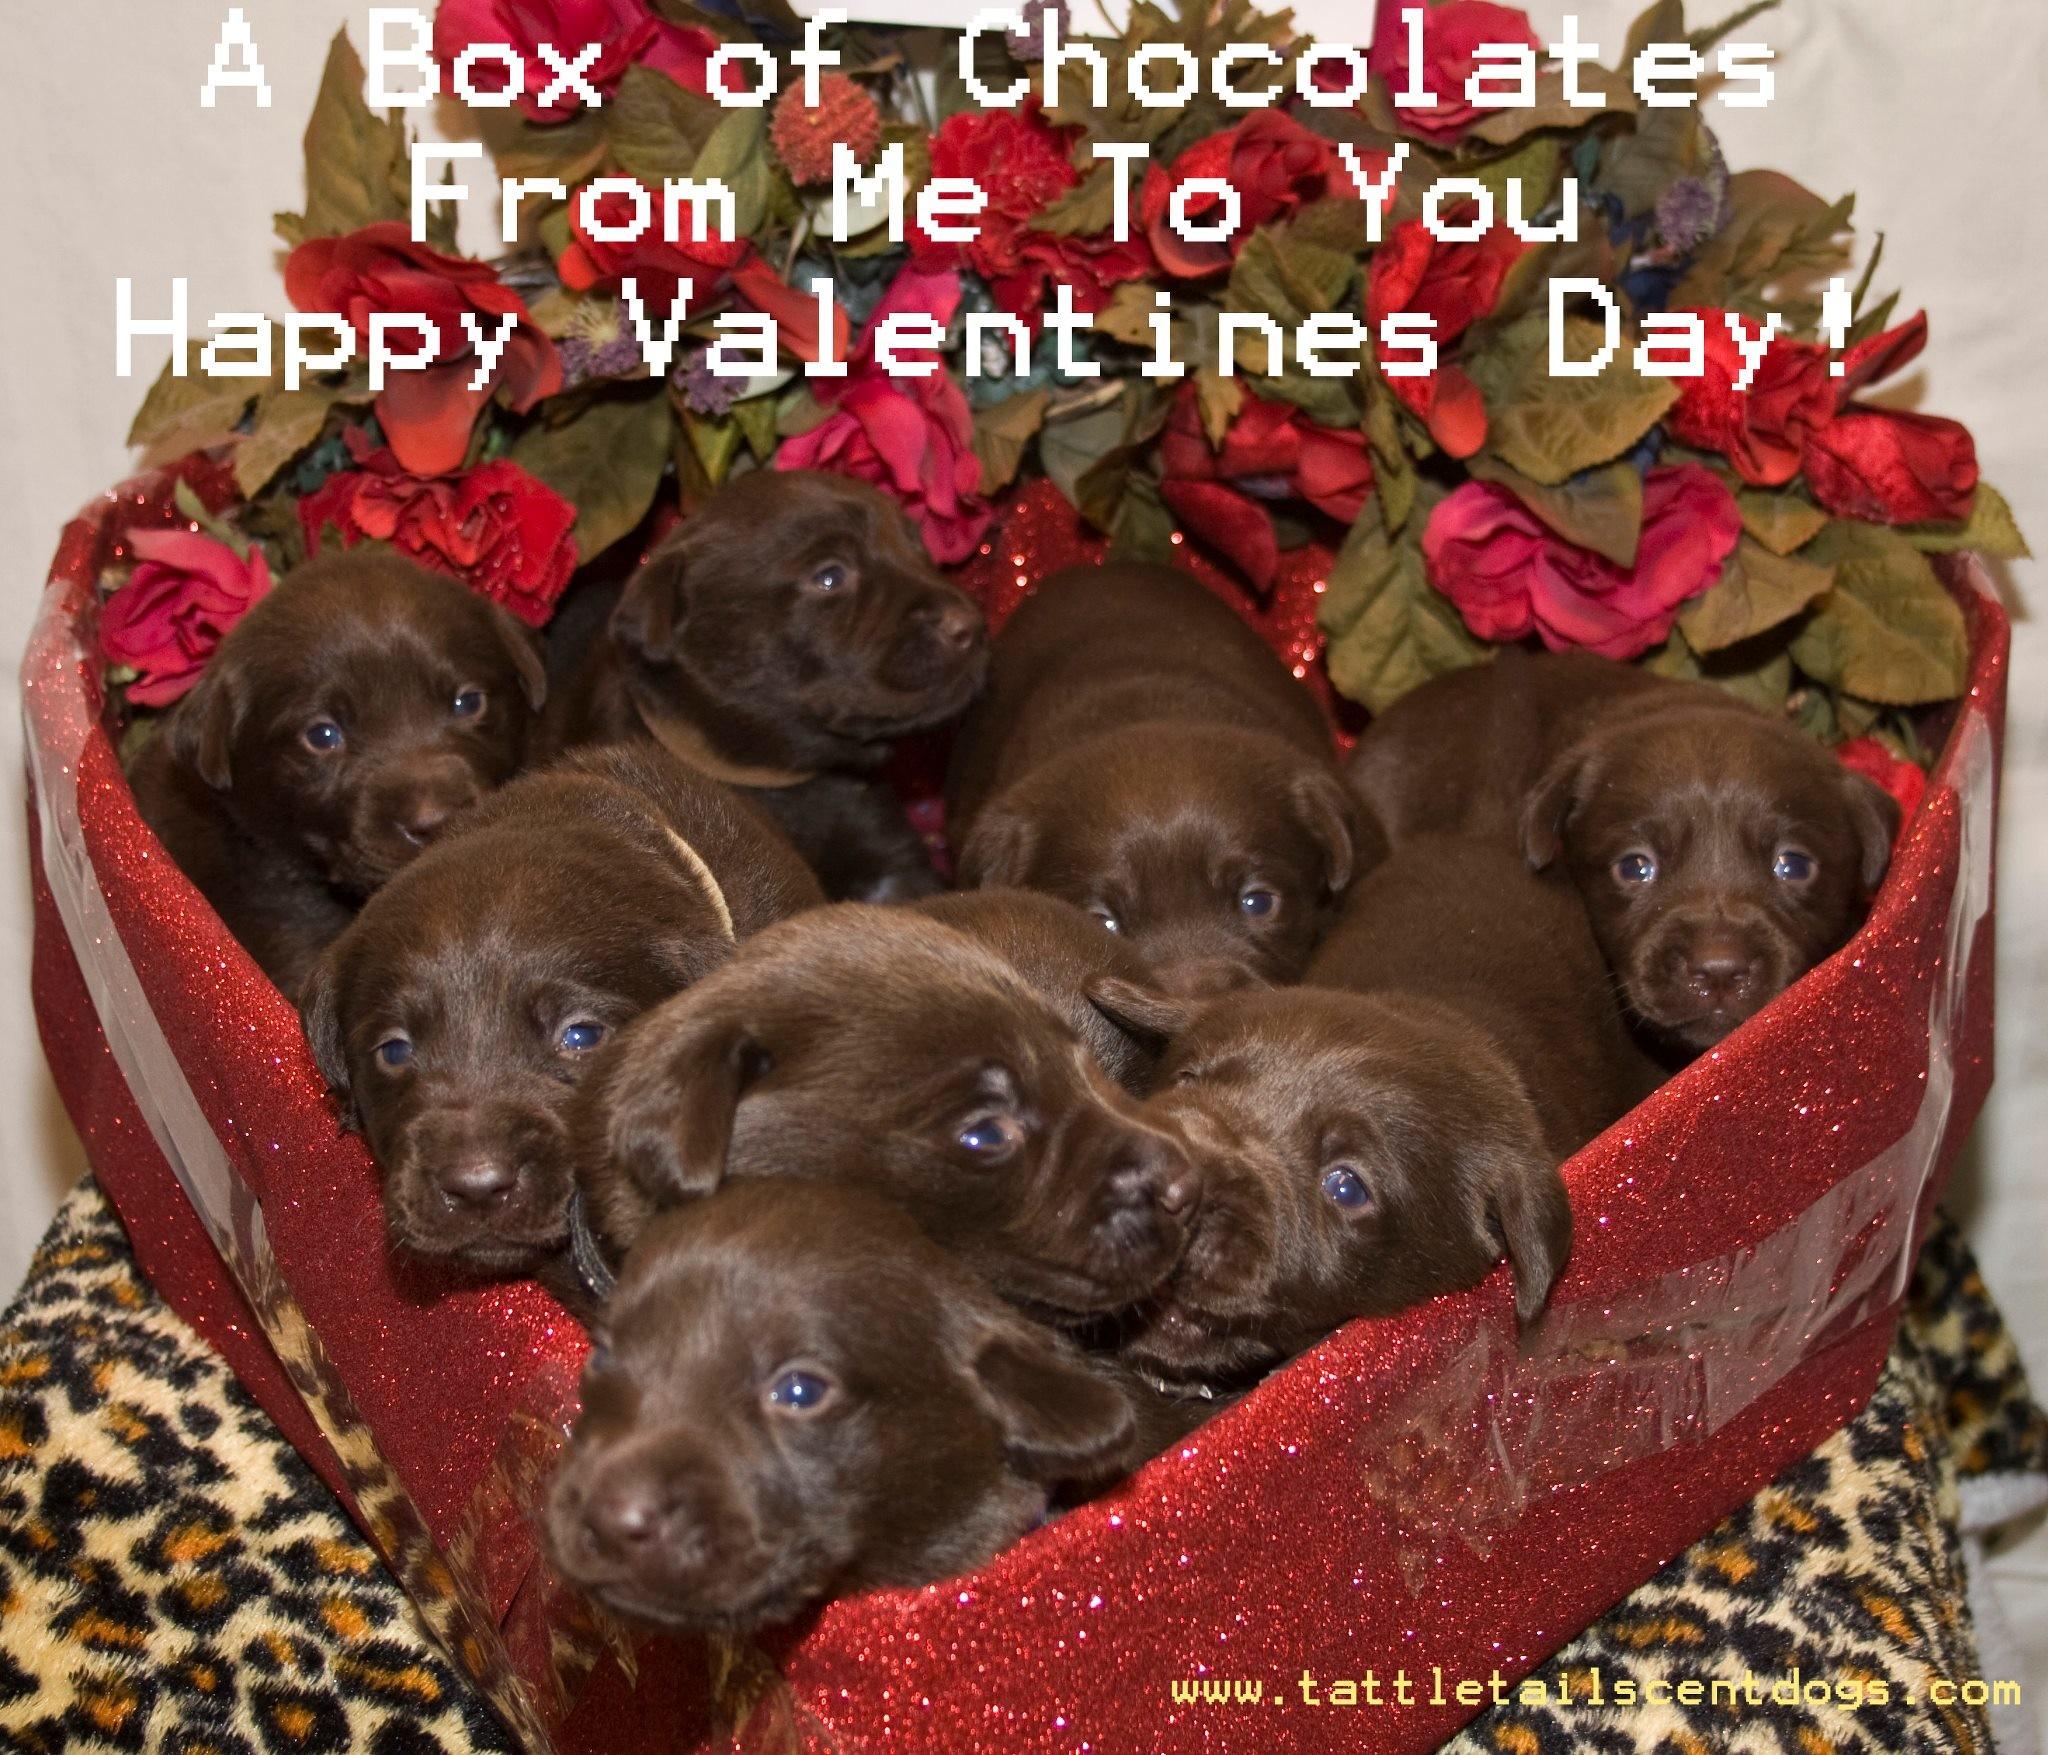 Puppy Valentine Wallpaper 56 Images